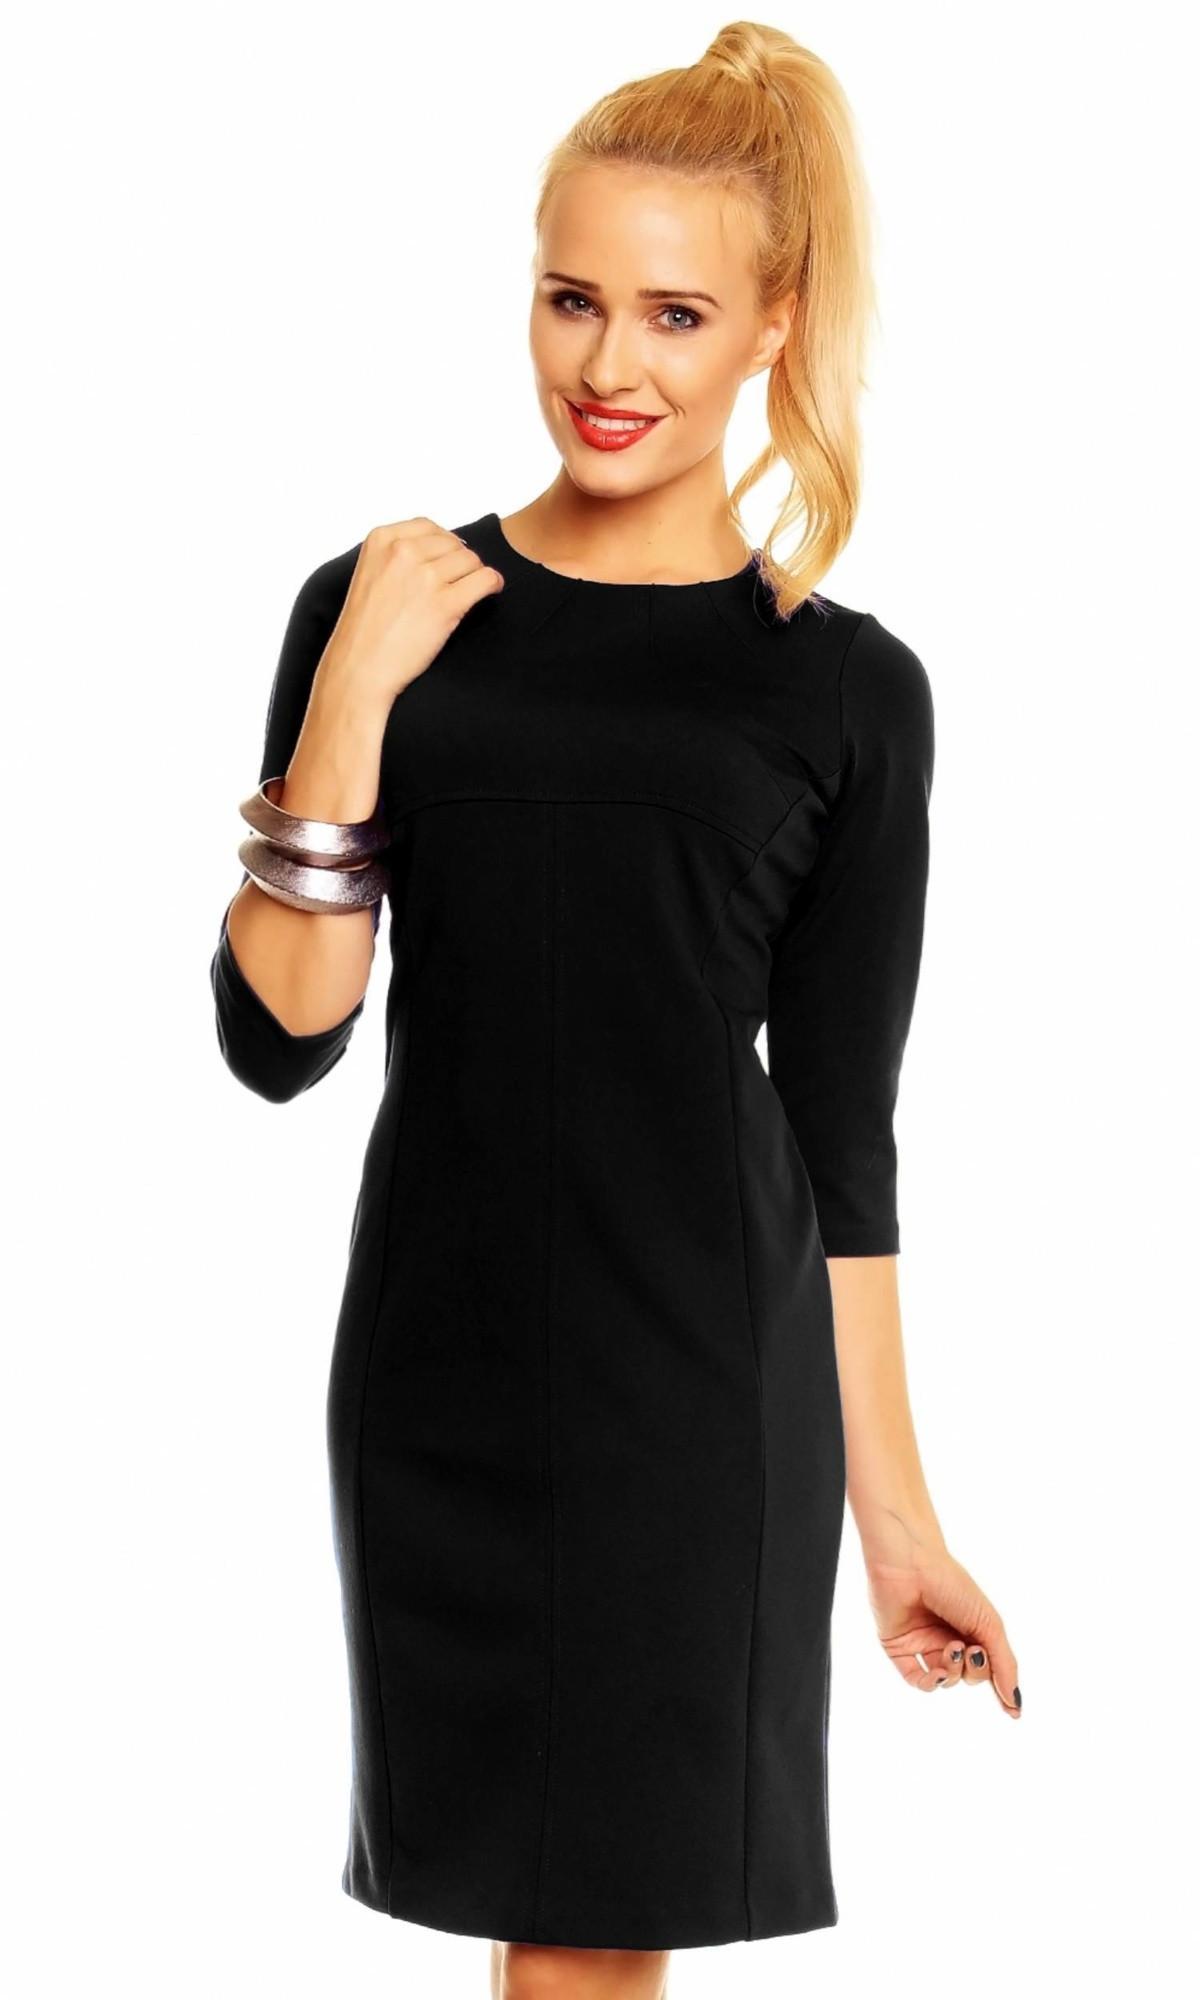 Spoločenské šaty WIKTORIA zdobené vo výstrihu stredne dlhé čierne - Čierna - Lental čierna 40